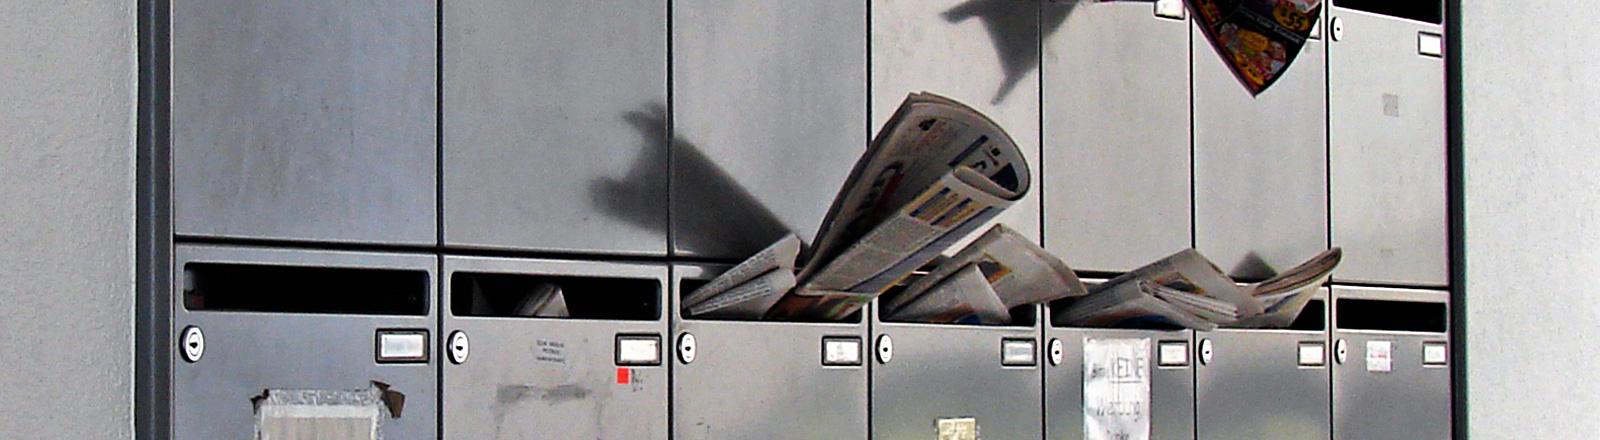 Zeitungen in einem Briefkasten